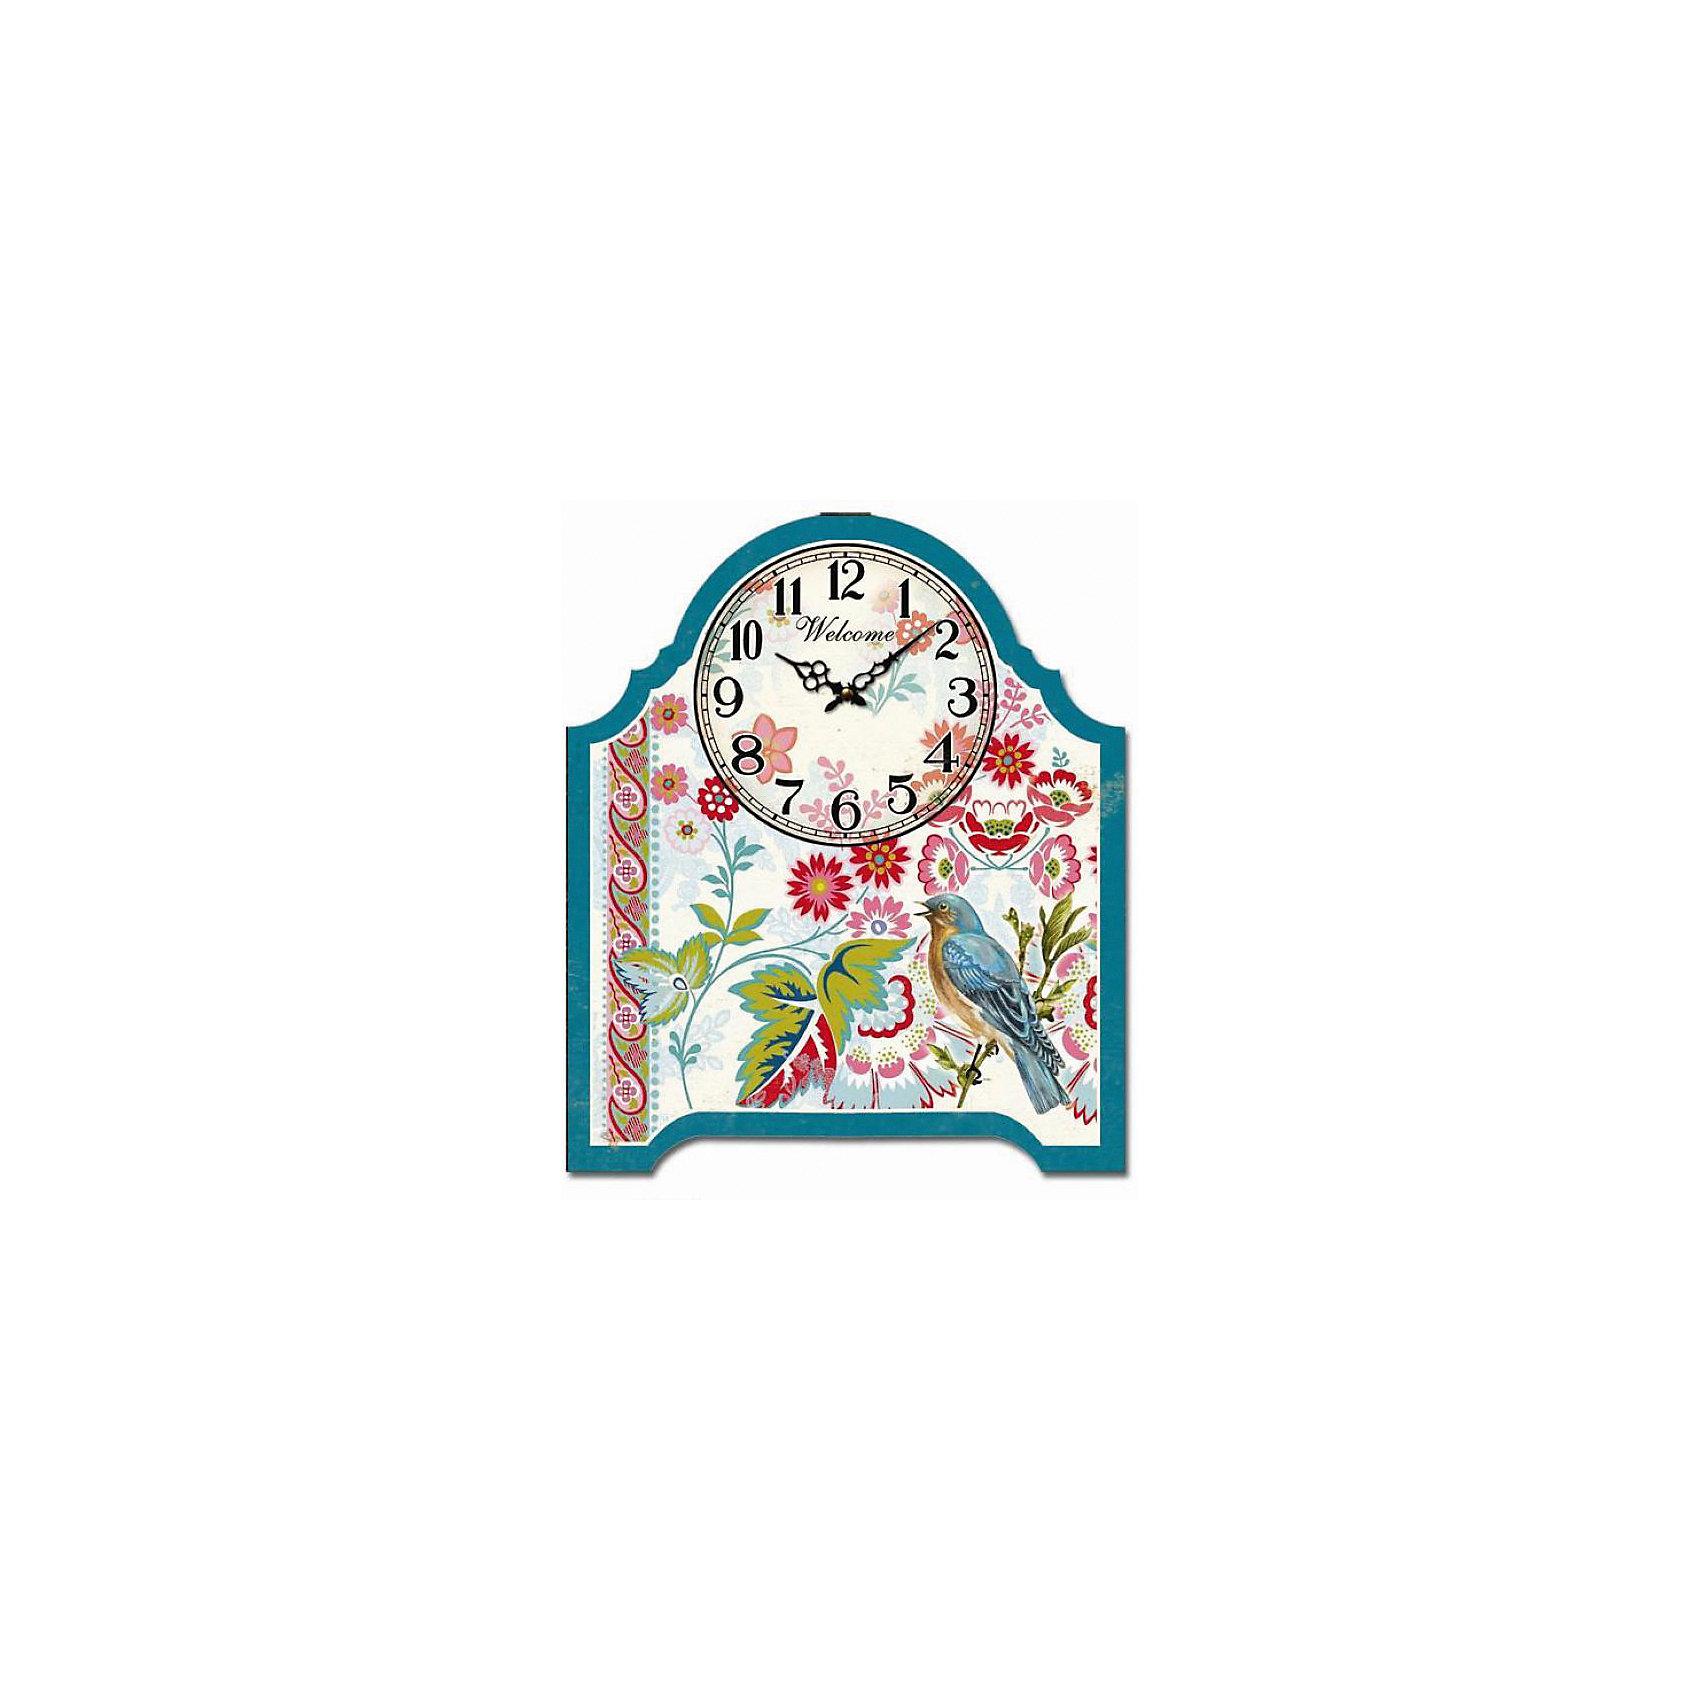 Часы настольные Соловей  кварцевые, с циферблатом, Феникс-ПрезентПредметы интерьера<br>Часы настольные Соловей кварцевые, с циферблатом, Феникс-Презент<br><br>Характеристики:<br><br>• оригинальный дизайн<br>• яркий рисунок<br>• тип часов: кварцевые<br>• размер: 20х24 см<br>• материал: МДФ<br>• батарейки: АА - 1 шт. (не входит в комплект)<br><br>Настольные часы Соловей станут приятным украшением для любой комнаты. Изделие изготовлено из экологически чистых материалов. Поверхность часов оформлена красочным рисунком с изображением птицы и цветов. Часы имеют две стрелки (часовая и минутная). Оригинальный дизайн подчеркнет индивидуальность и стиль интерьера.<br><br>Часы настольные Соловей кварцевые, с циферблатом, Феникс-Презент вы можете купить в нашем интернет-магазине.<br><br>Ширина мм: 200<br>Глубина мм: 240<br>Высота мм: 200<br>Вес г: 438<br>Возраст от месяцев: 120<br>Возраст до месяцев: 2147483647<br>Пол: Унисекс<br>Возраст: Детский<br>SKU: 5449706